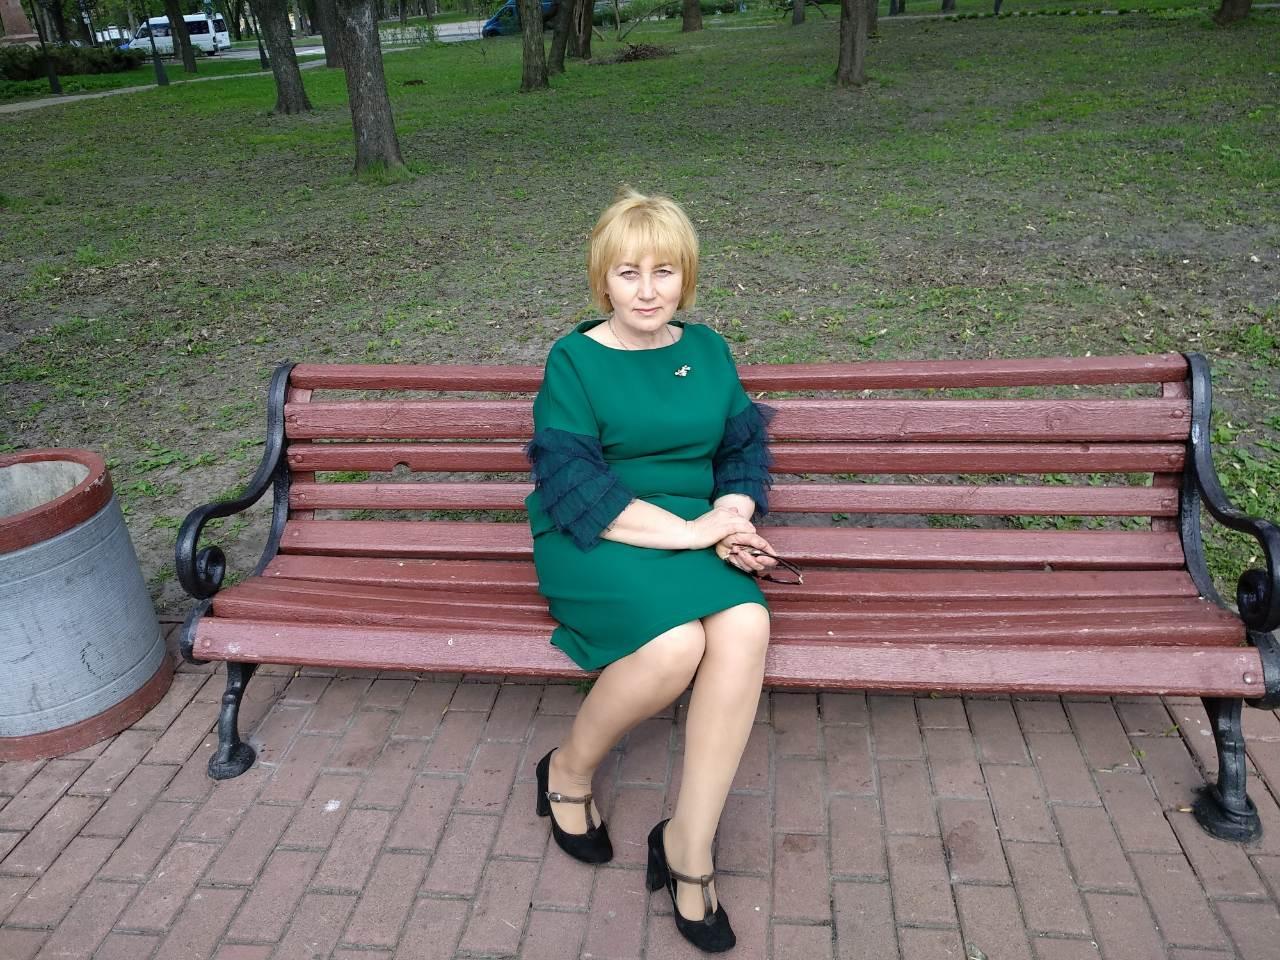 Дрімайлівка, жінка, інформація